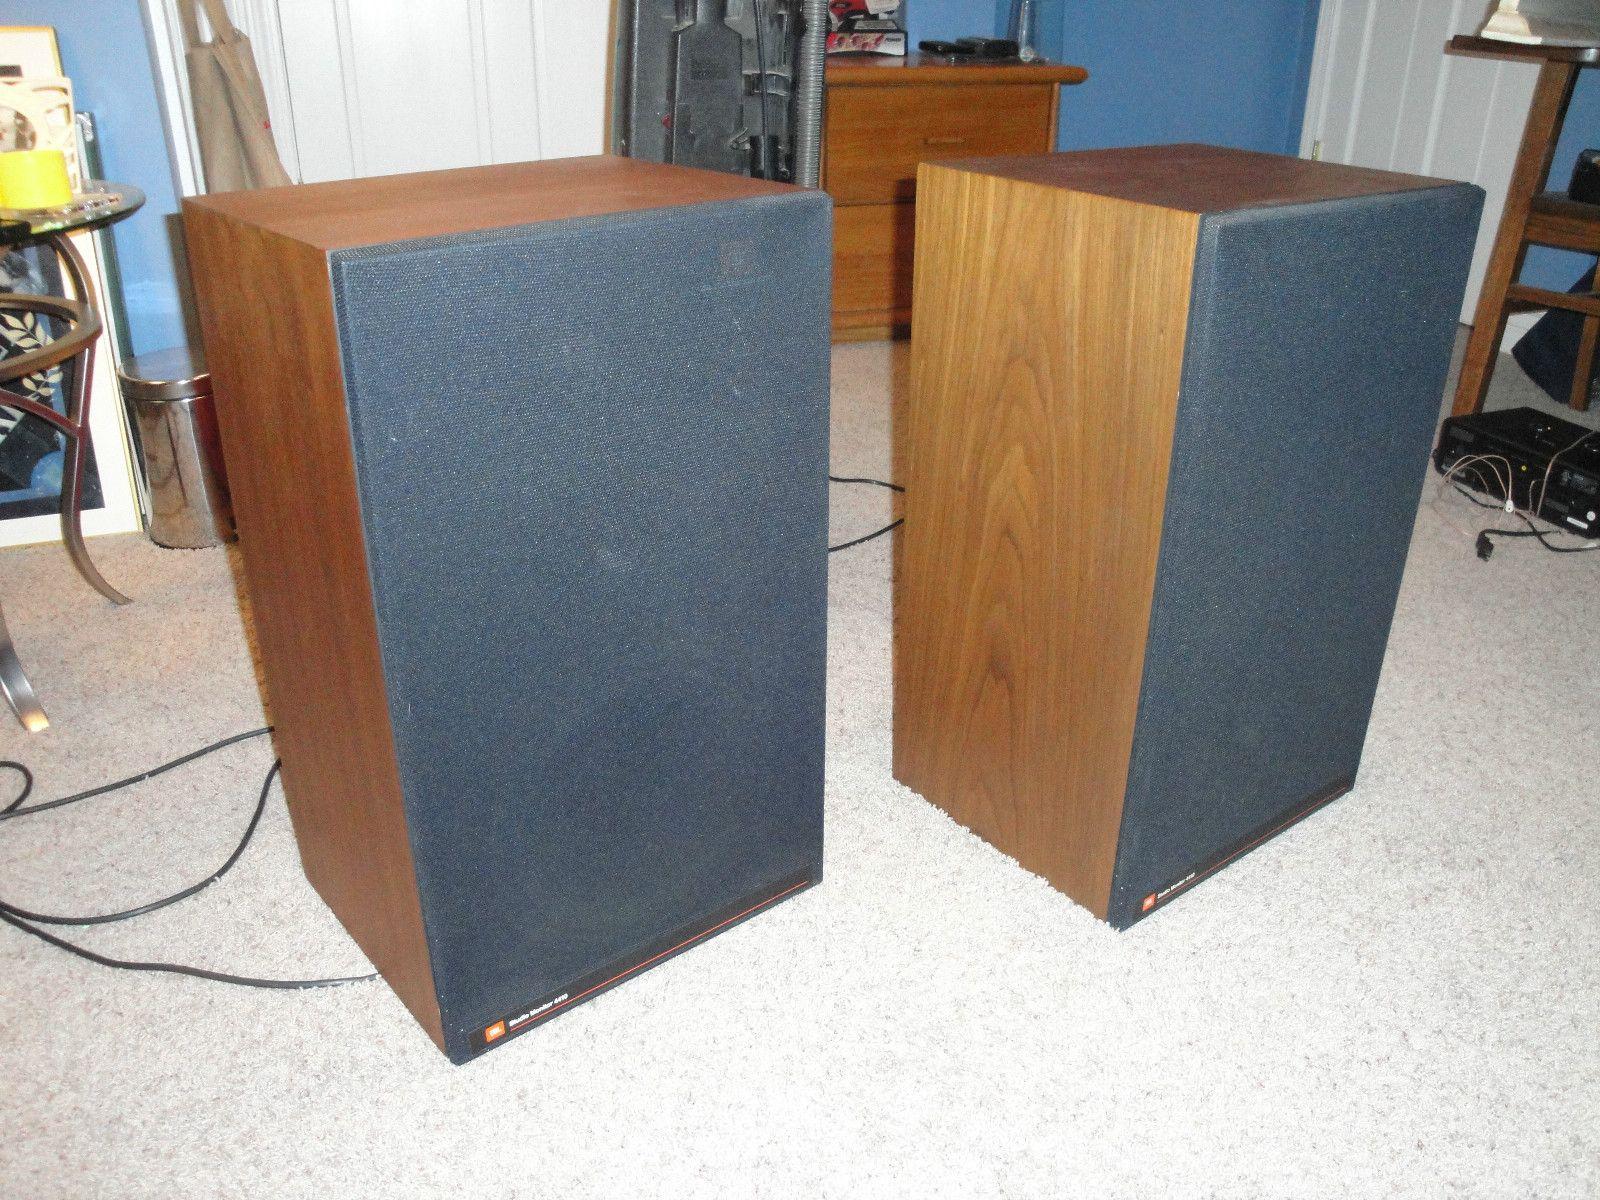 Blast from the past JBL 4400 Studio Monitors